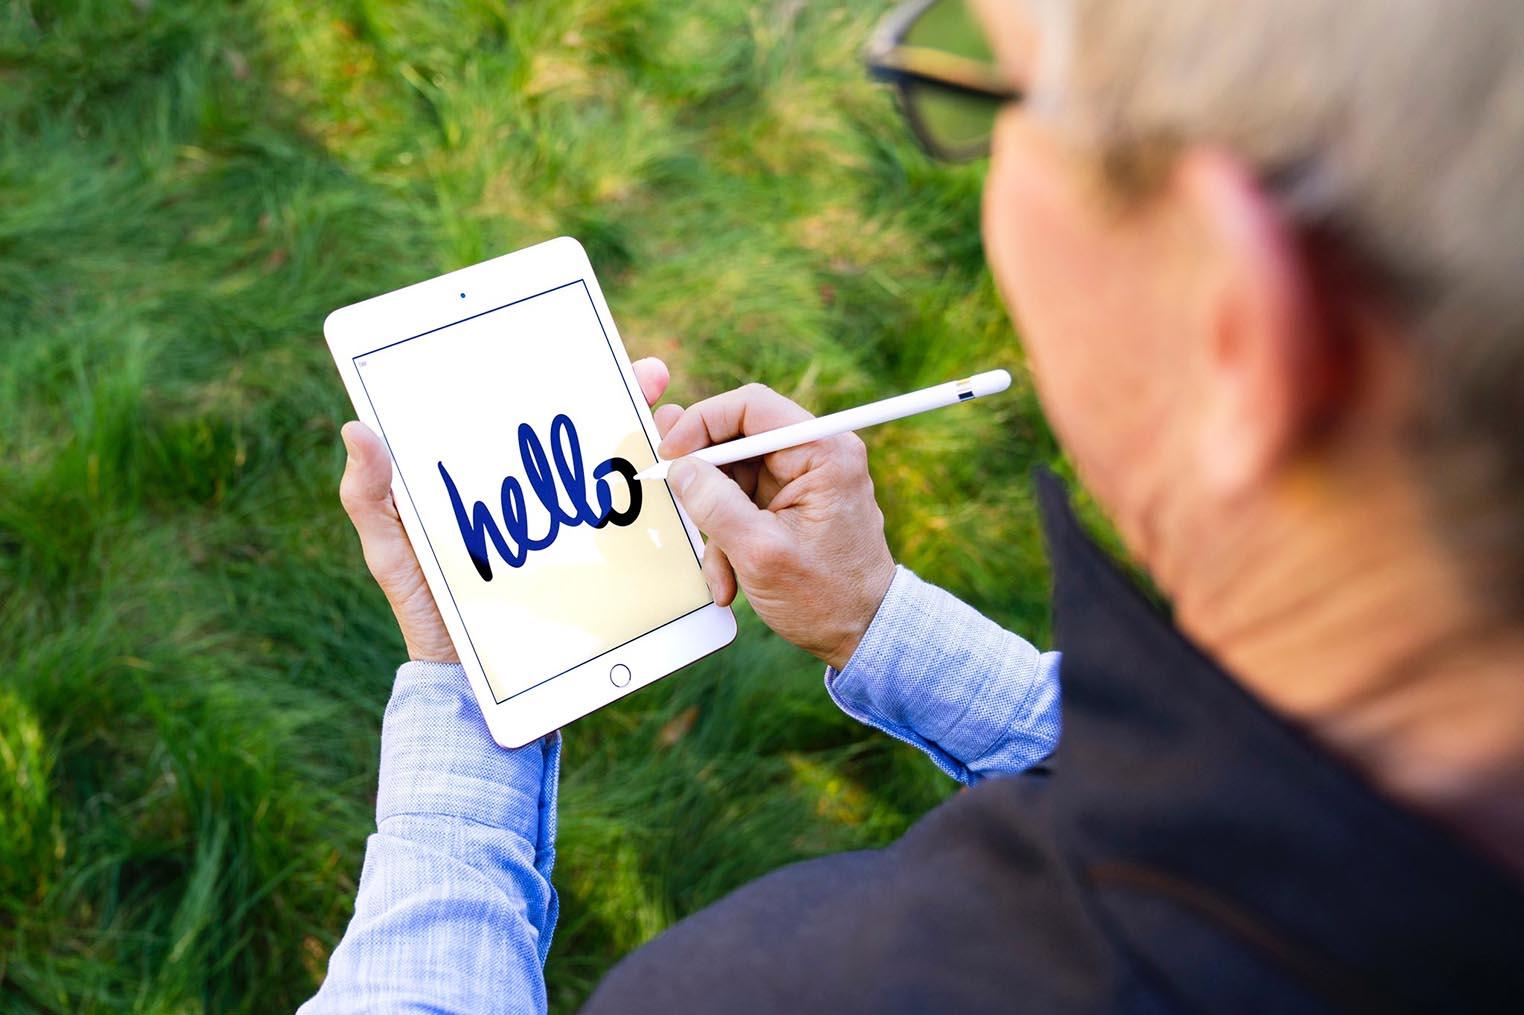 iPad mini 5 Tim Cook